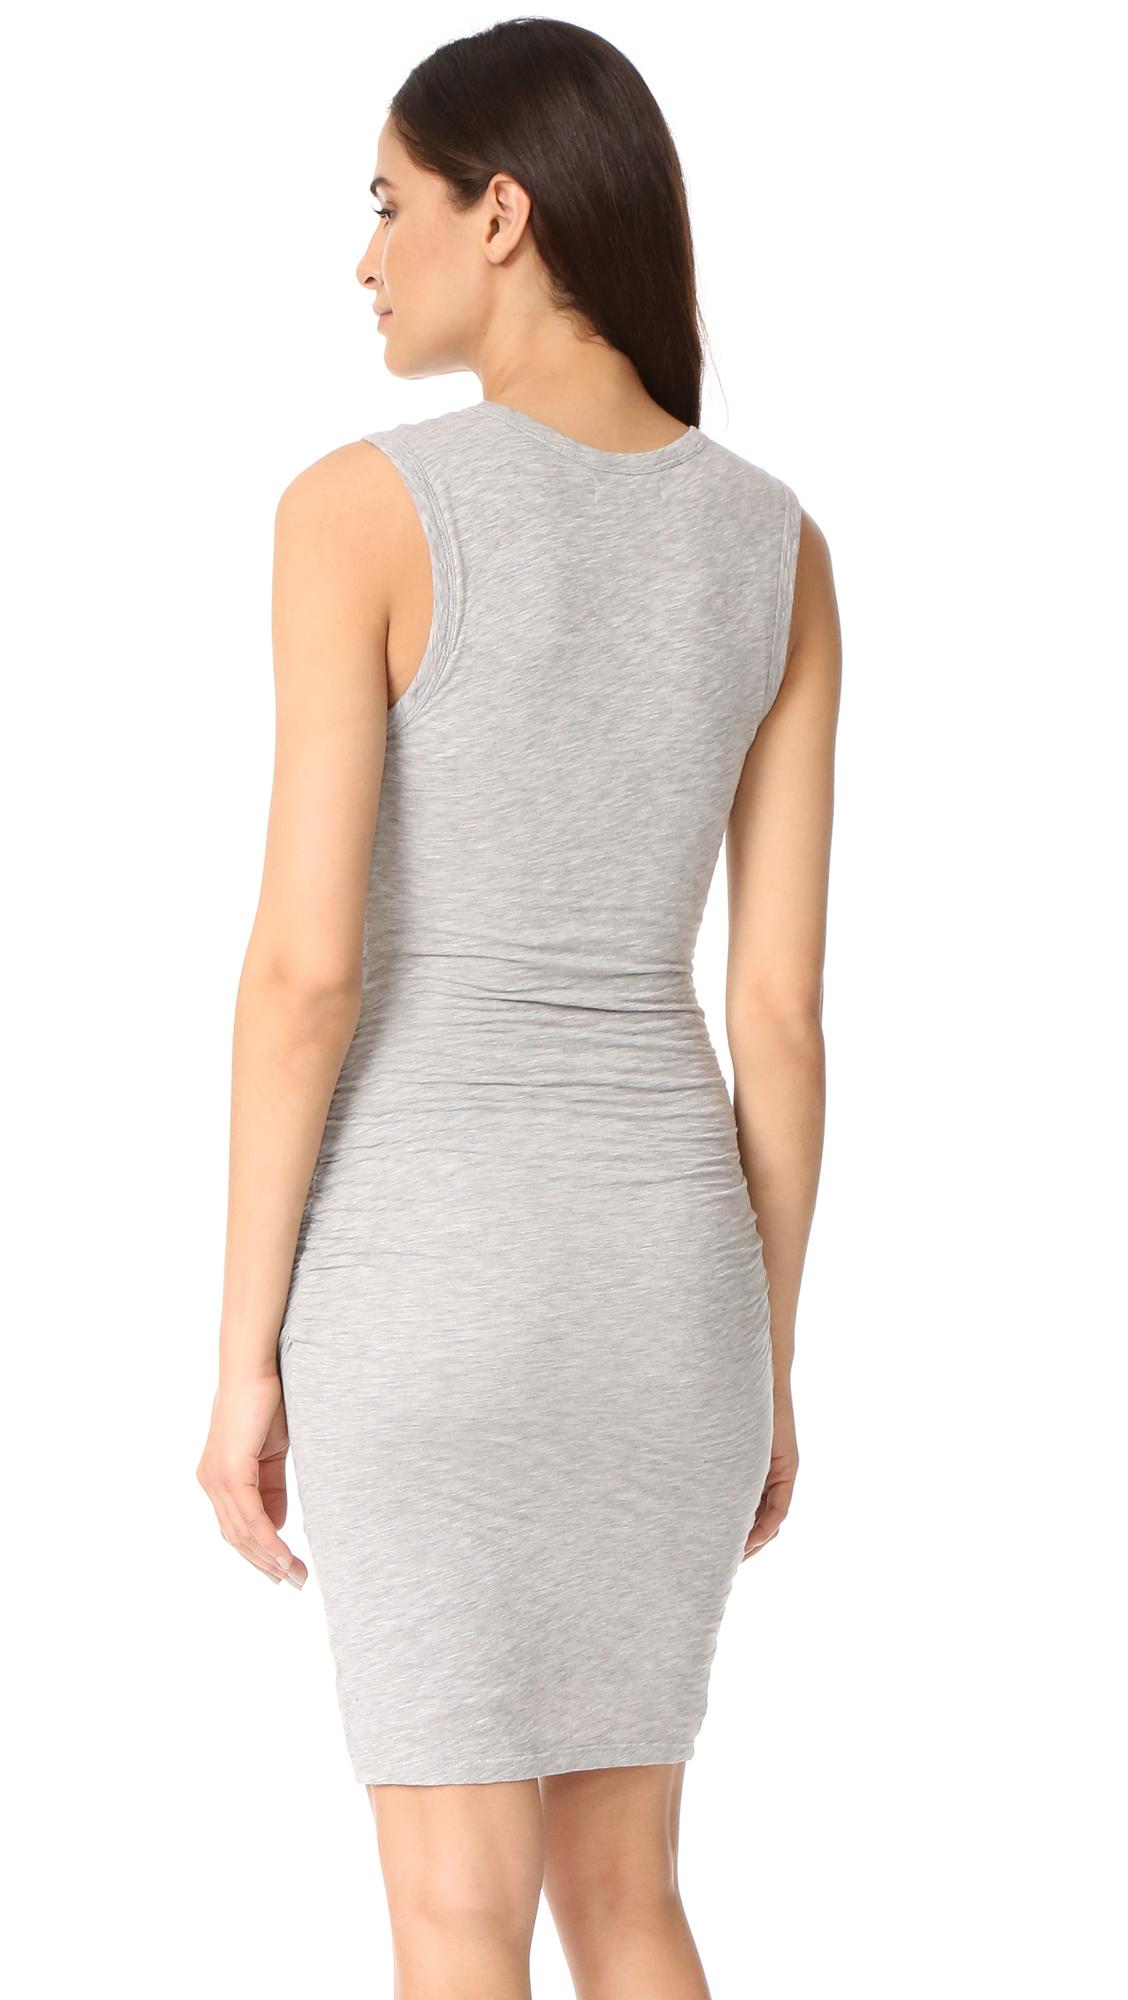 Jcpenney Junior Plus Size Dresses – DACC